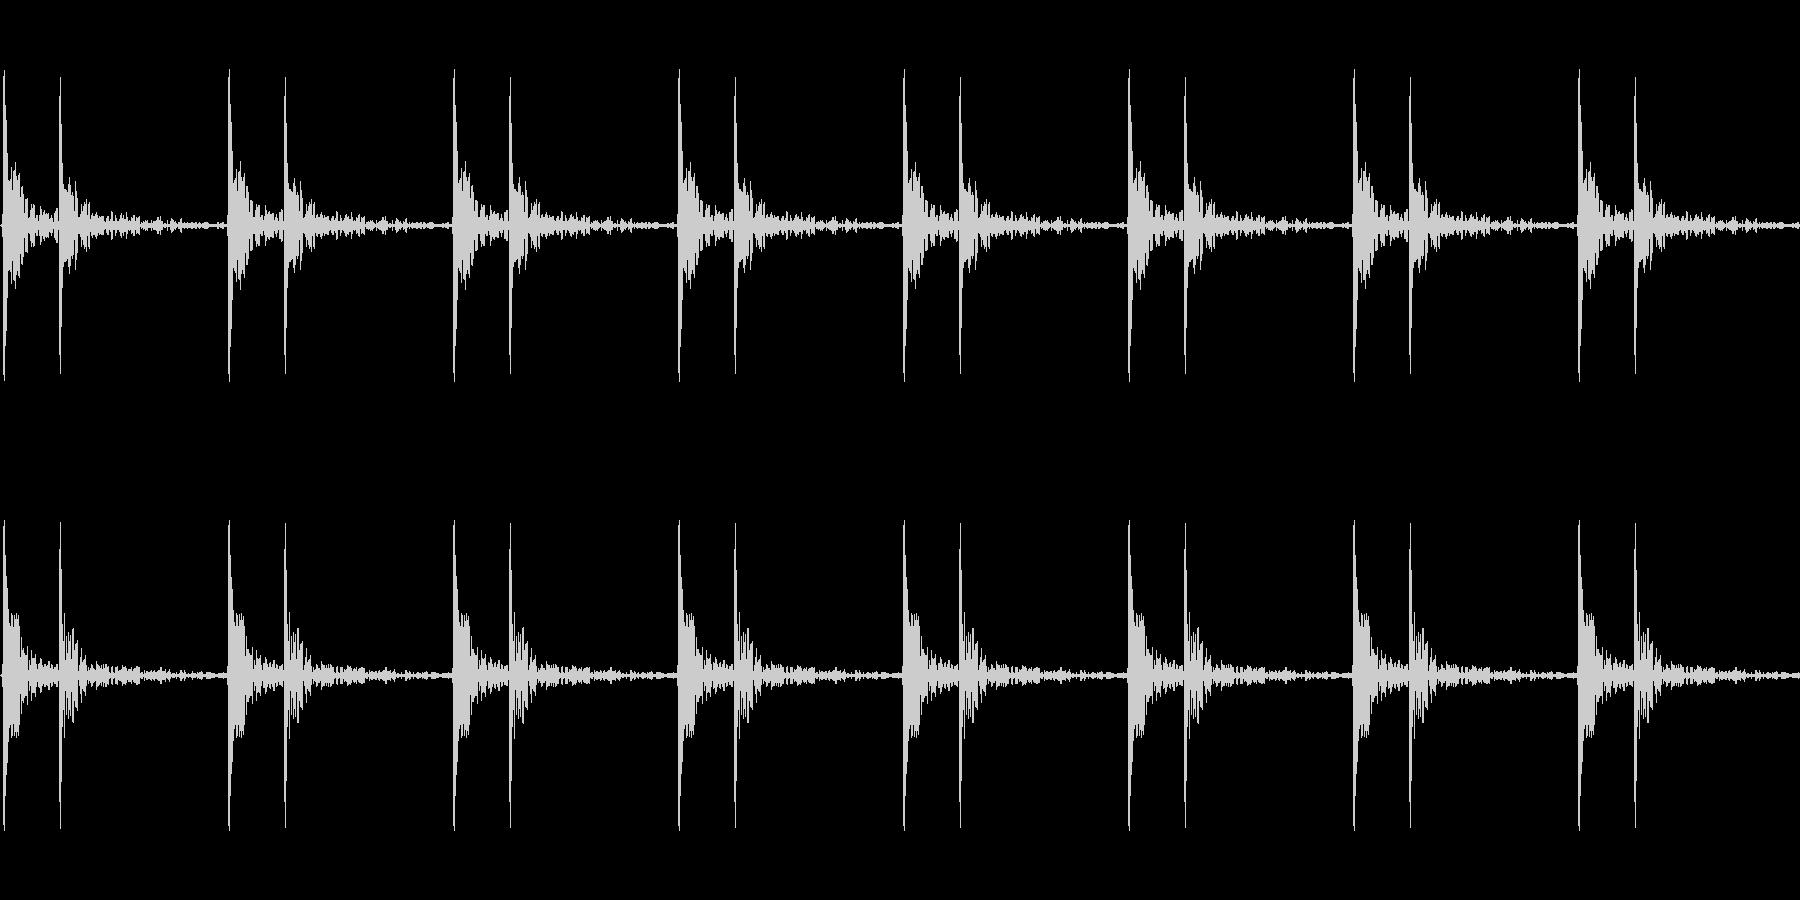 心臓の鼓動_下降_心拍数48(残響あり)の未再生の波形